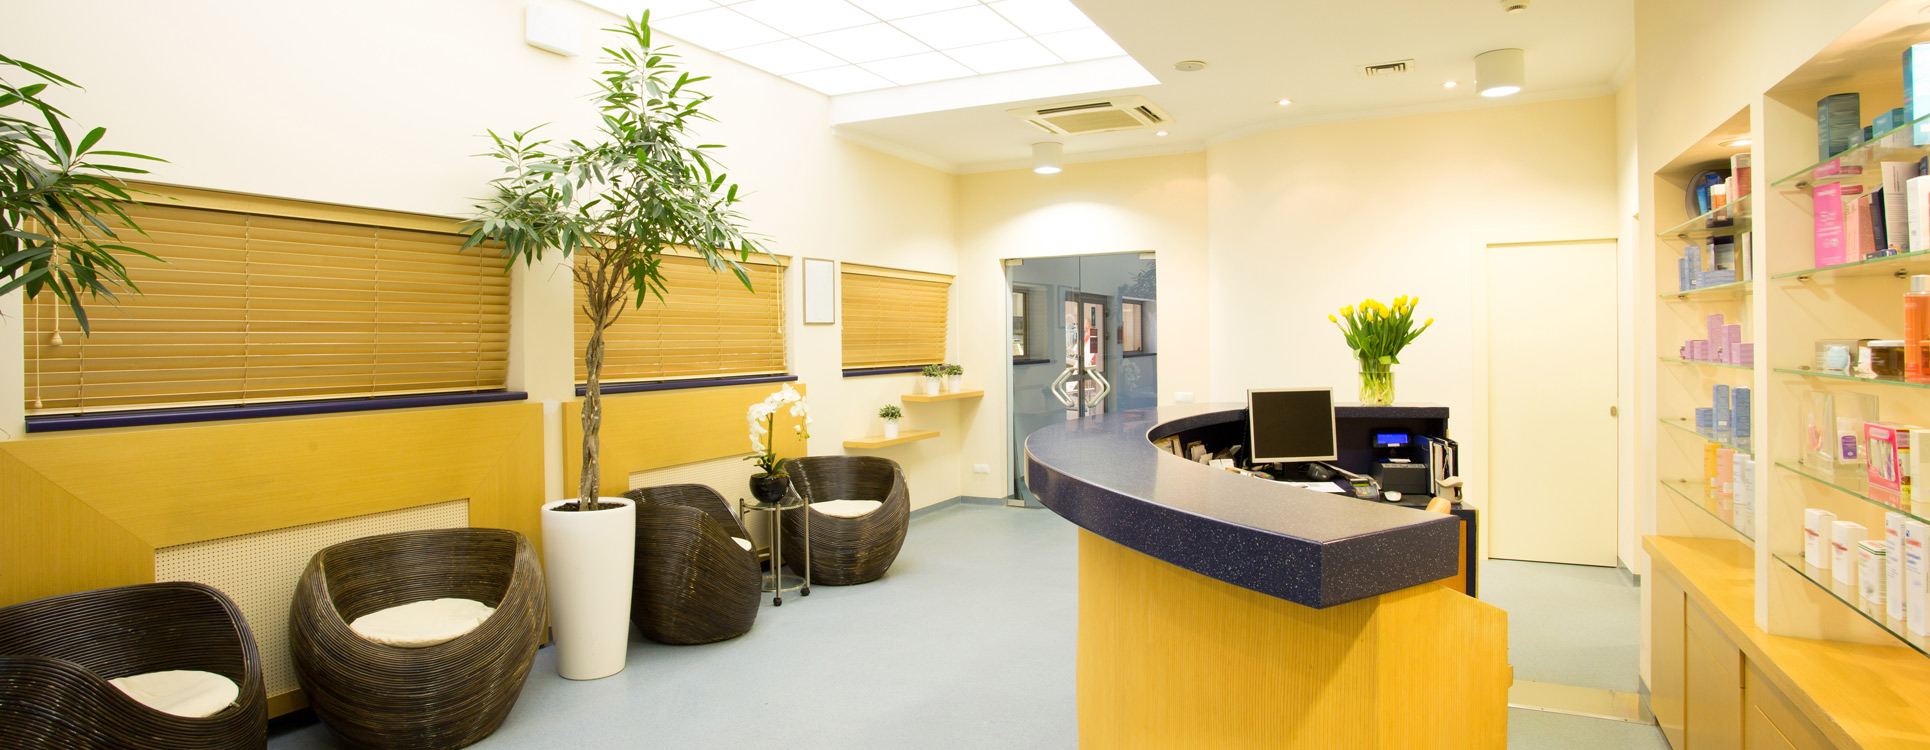 centre-medicale-wellness-saloane-de-infrumusetare